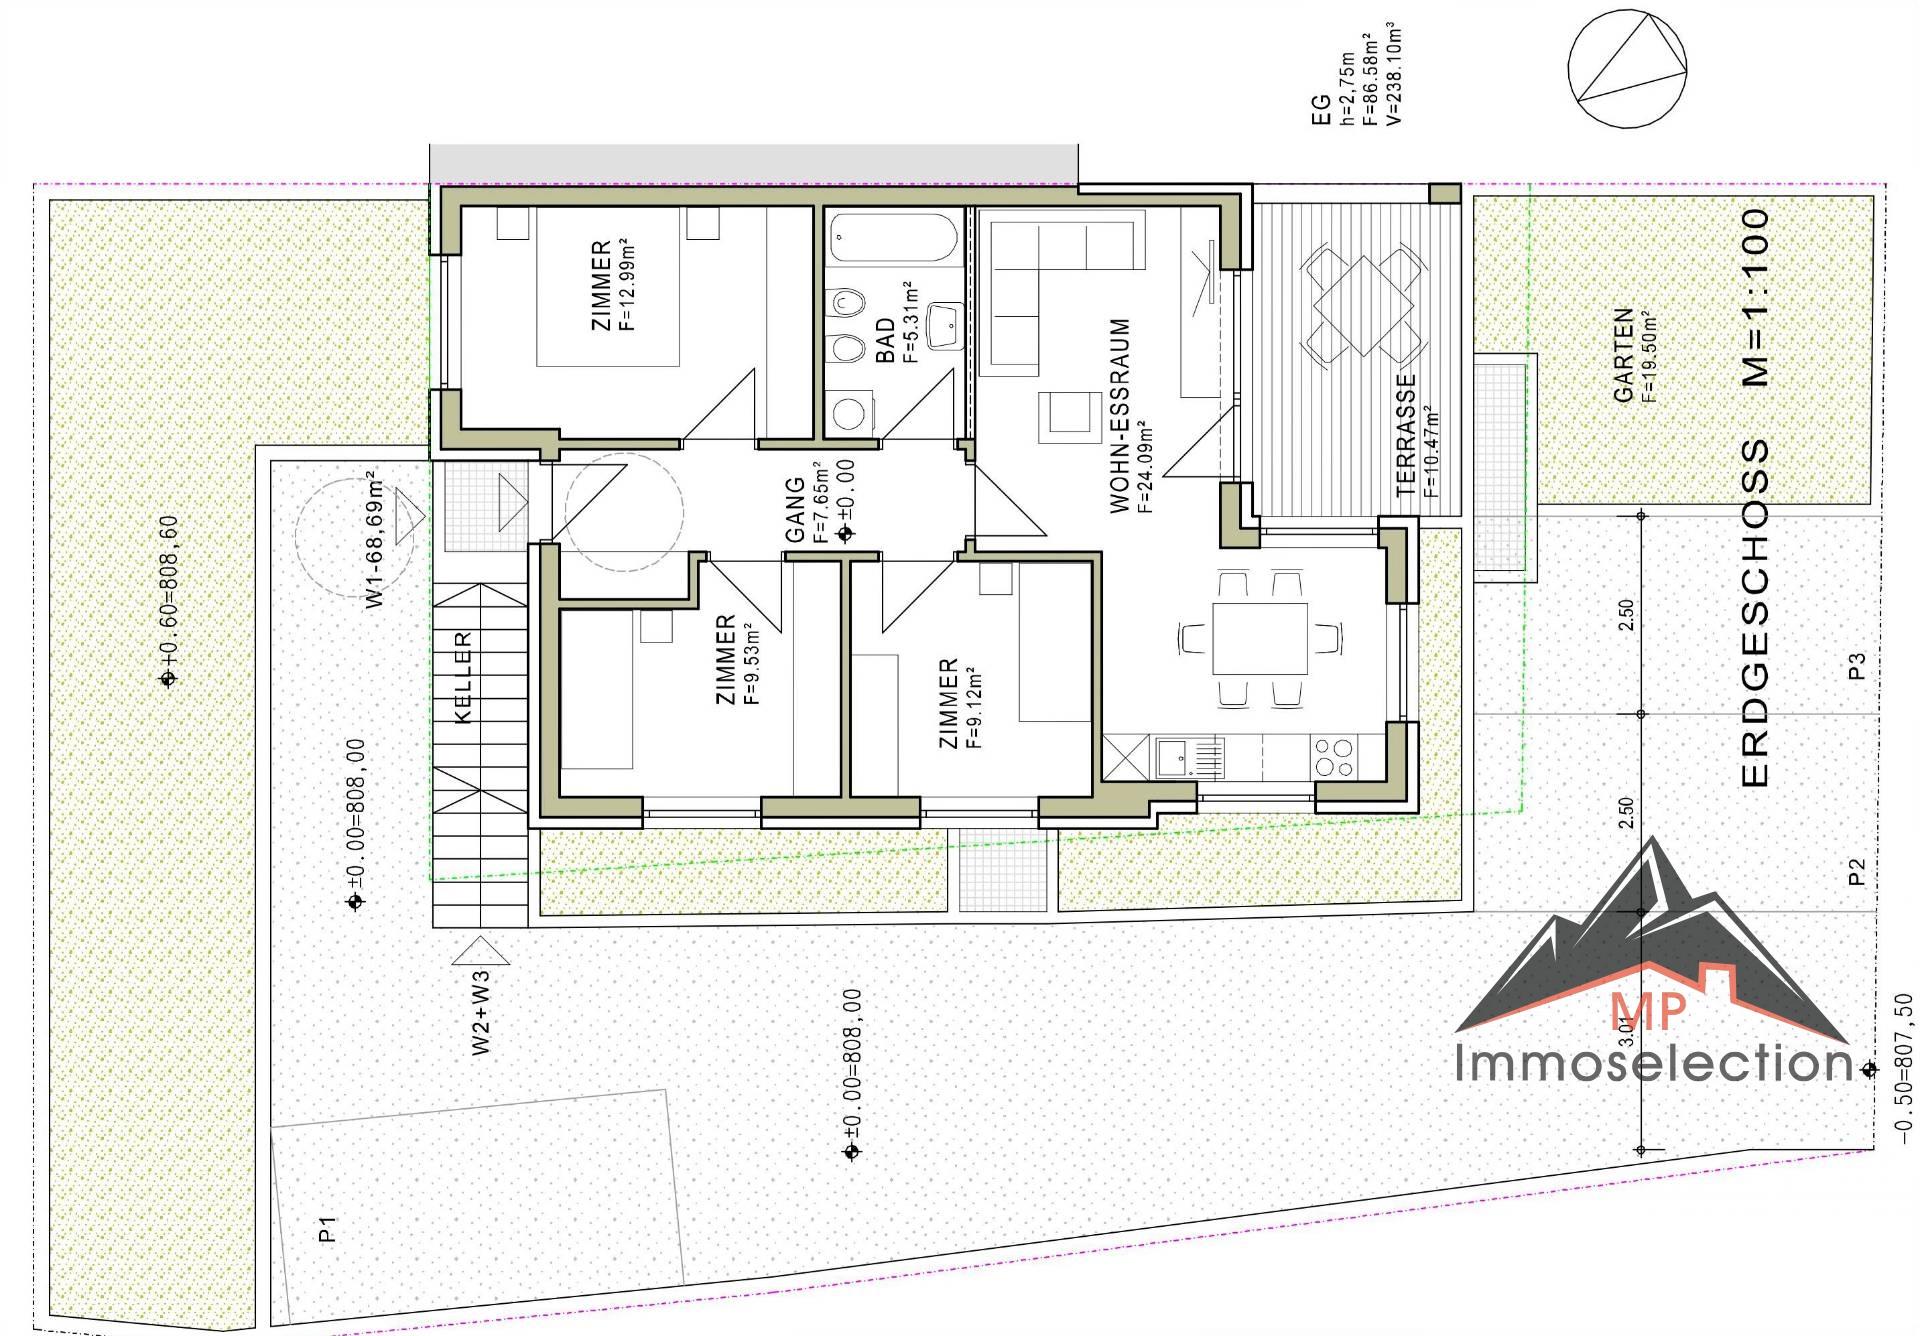 Appartamento in vendita a Chienes, 4 locali, zona Zona: Casteldarne, prezzo € 255.000 | CambioCasa.it